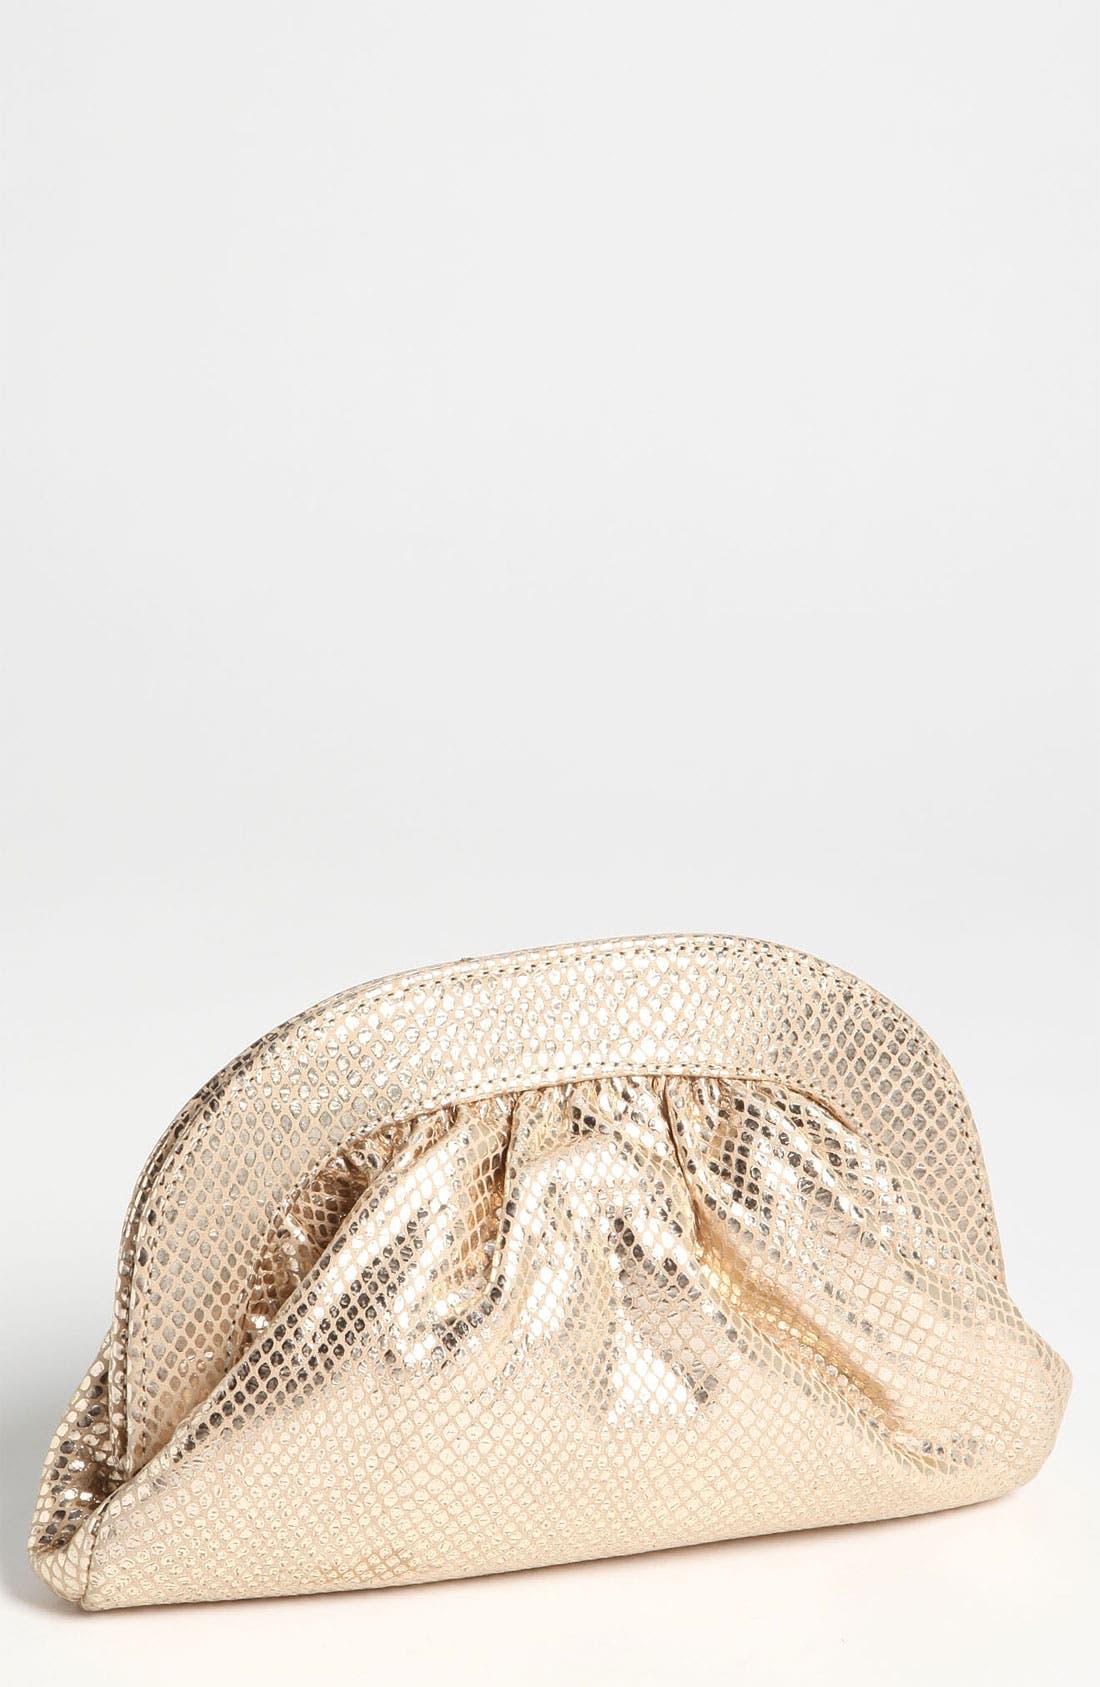 Main Image - Lauren Merkin 'Vivi' Snake Embossed Clutch